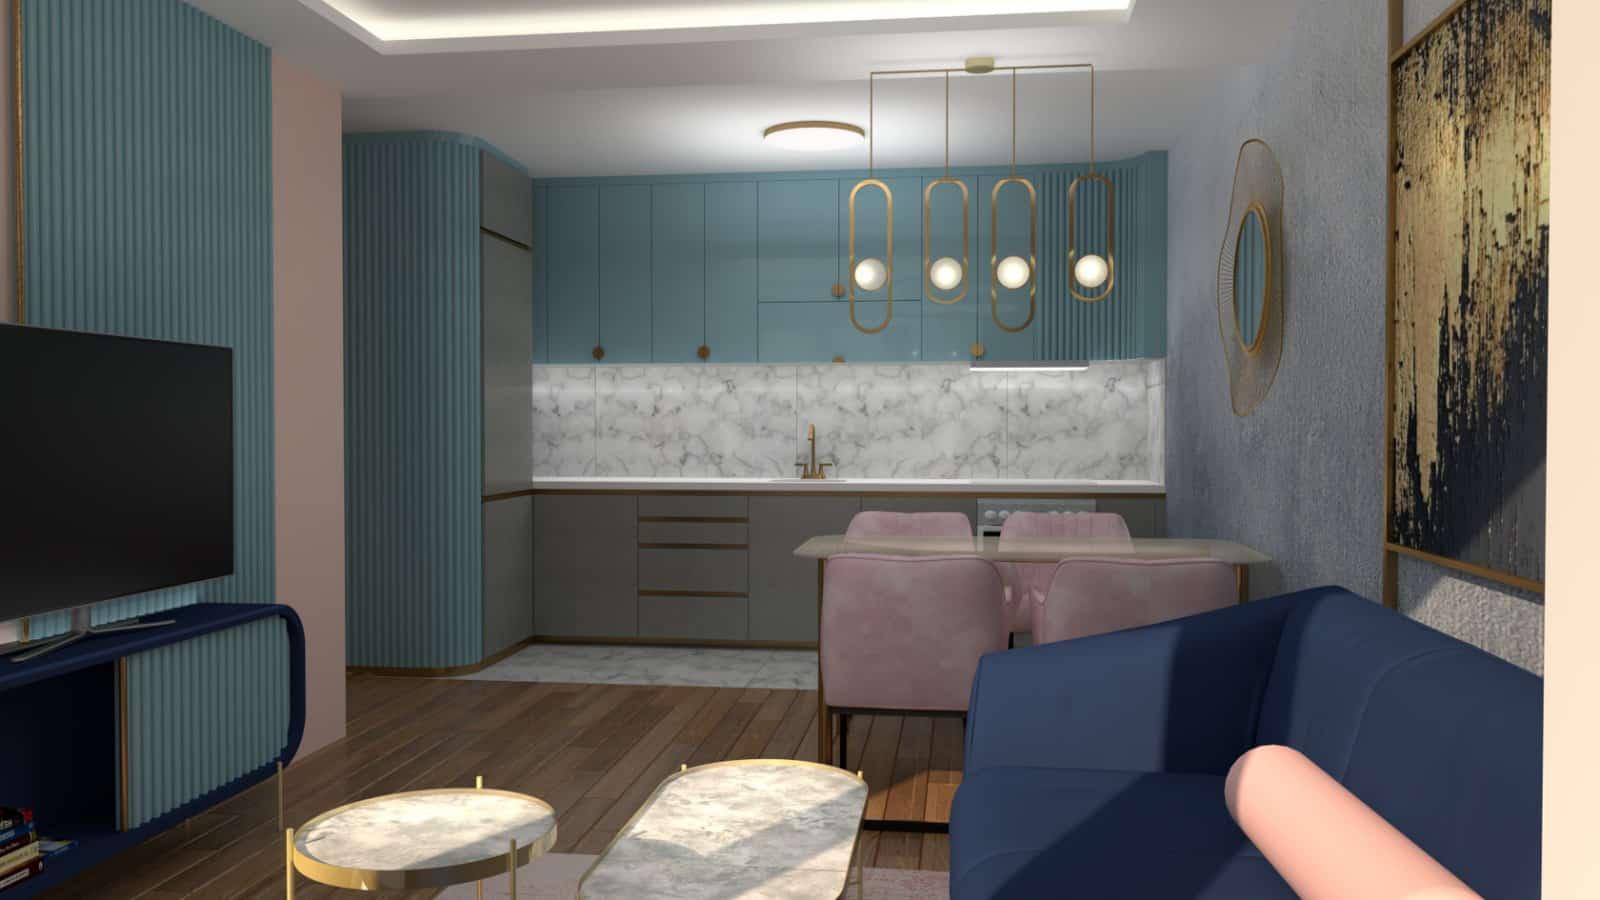 dnevna soba i kuhinja namestaj (5)